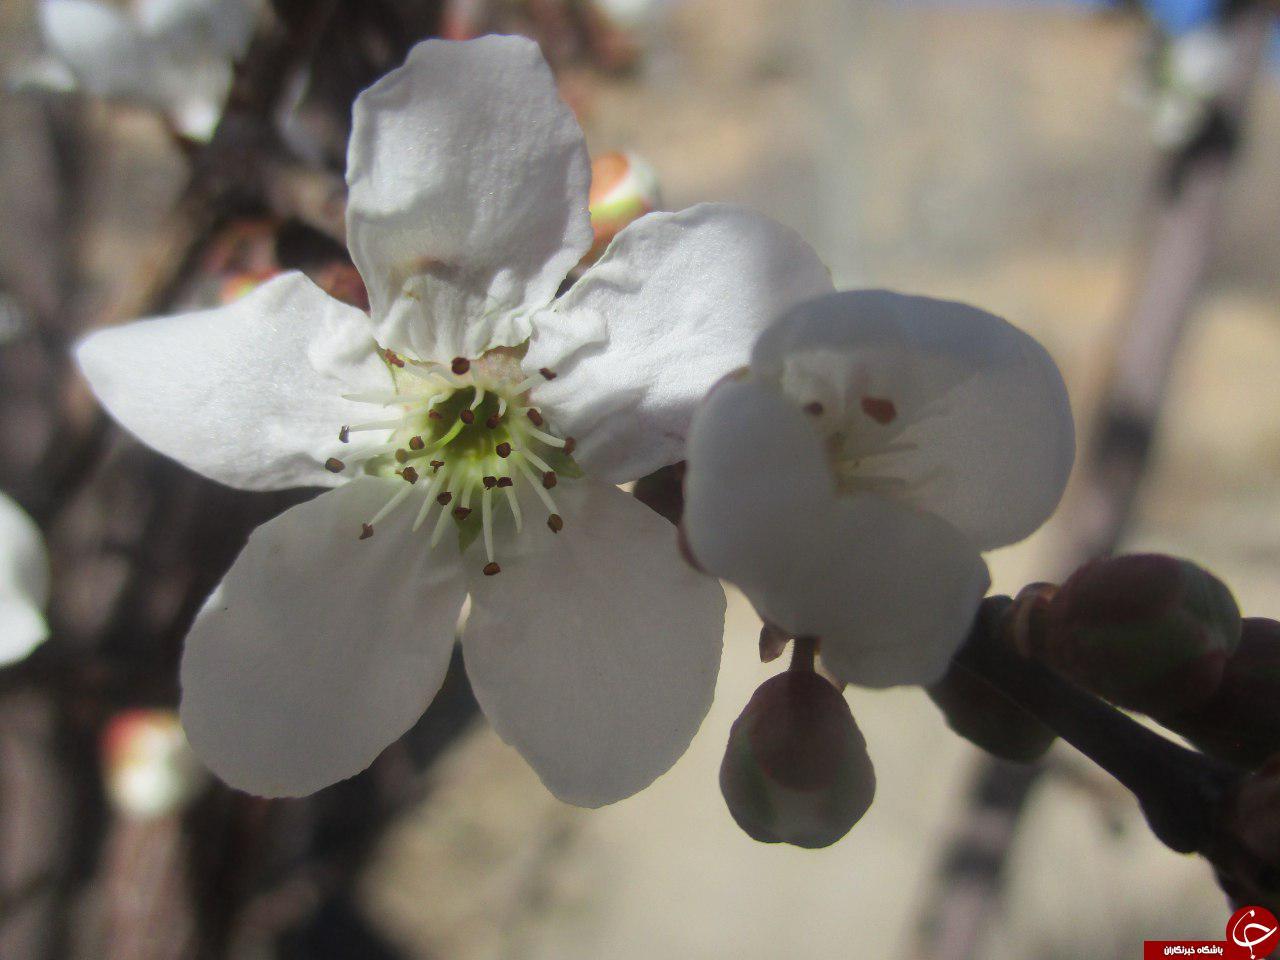 شکوفایی درخت آلوچه در سمیرم + تصاویر